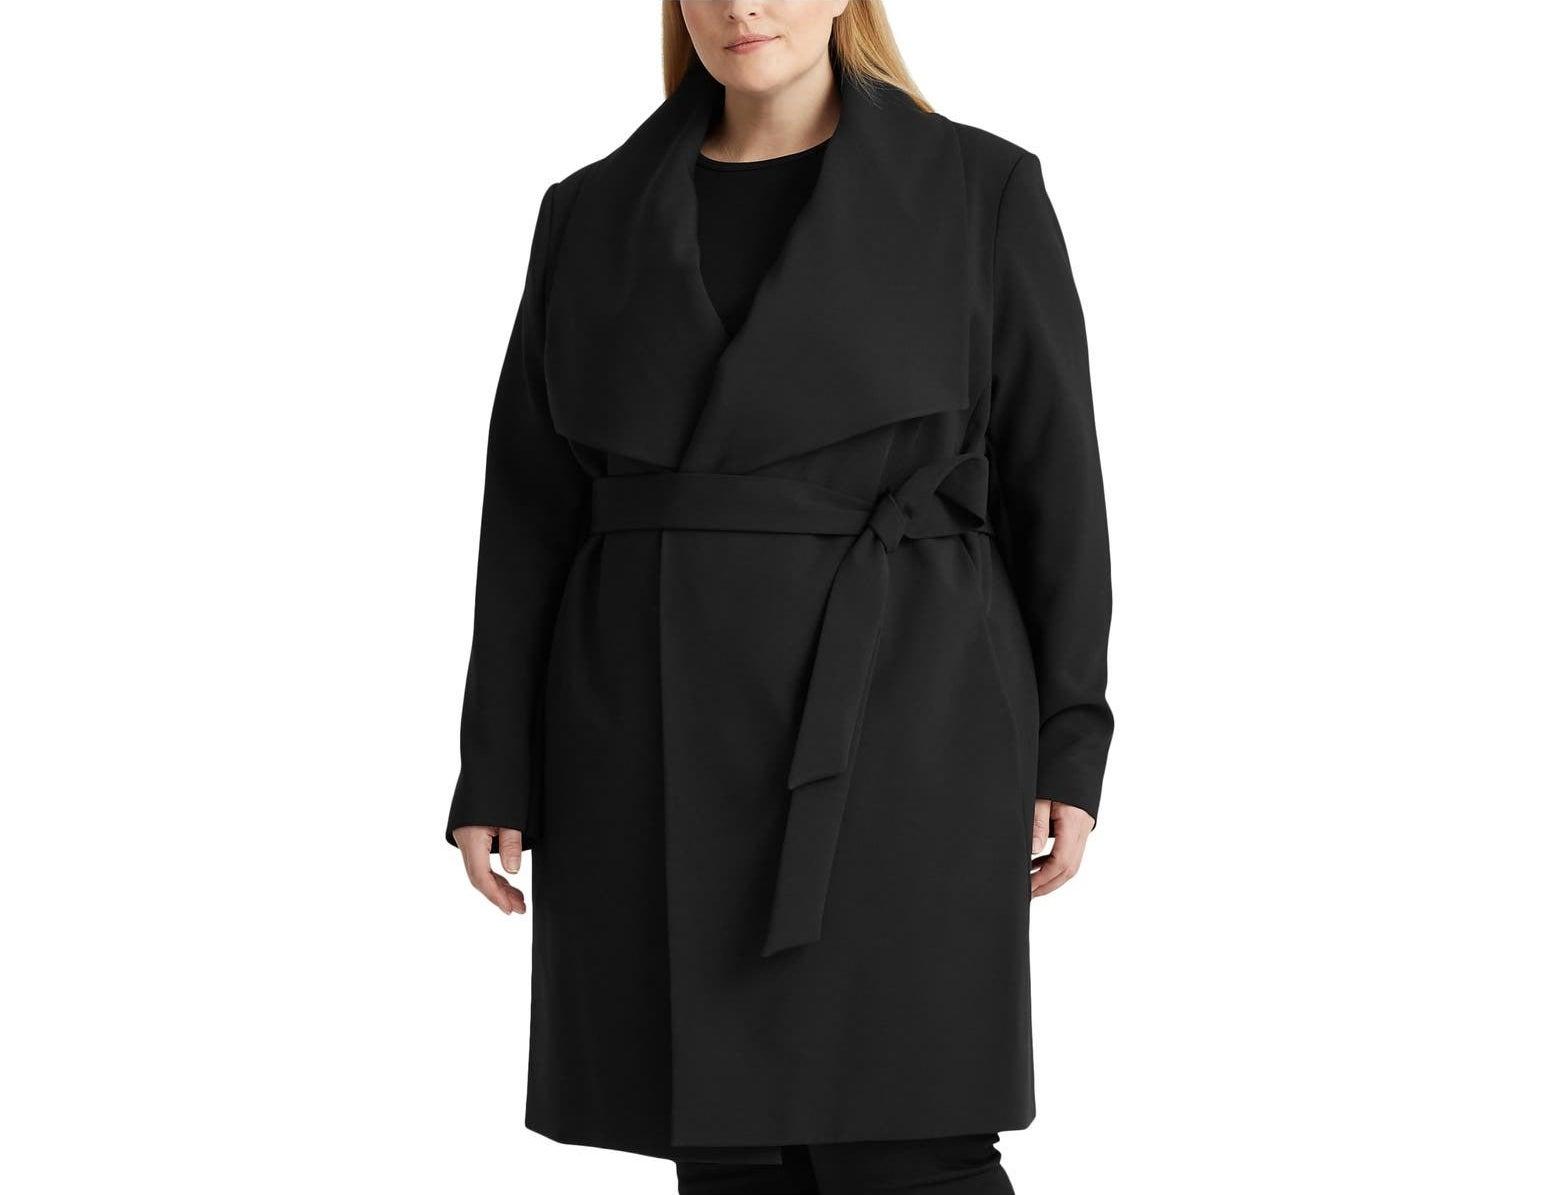 Model wearing the coat in black